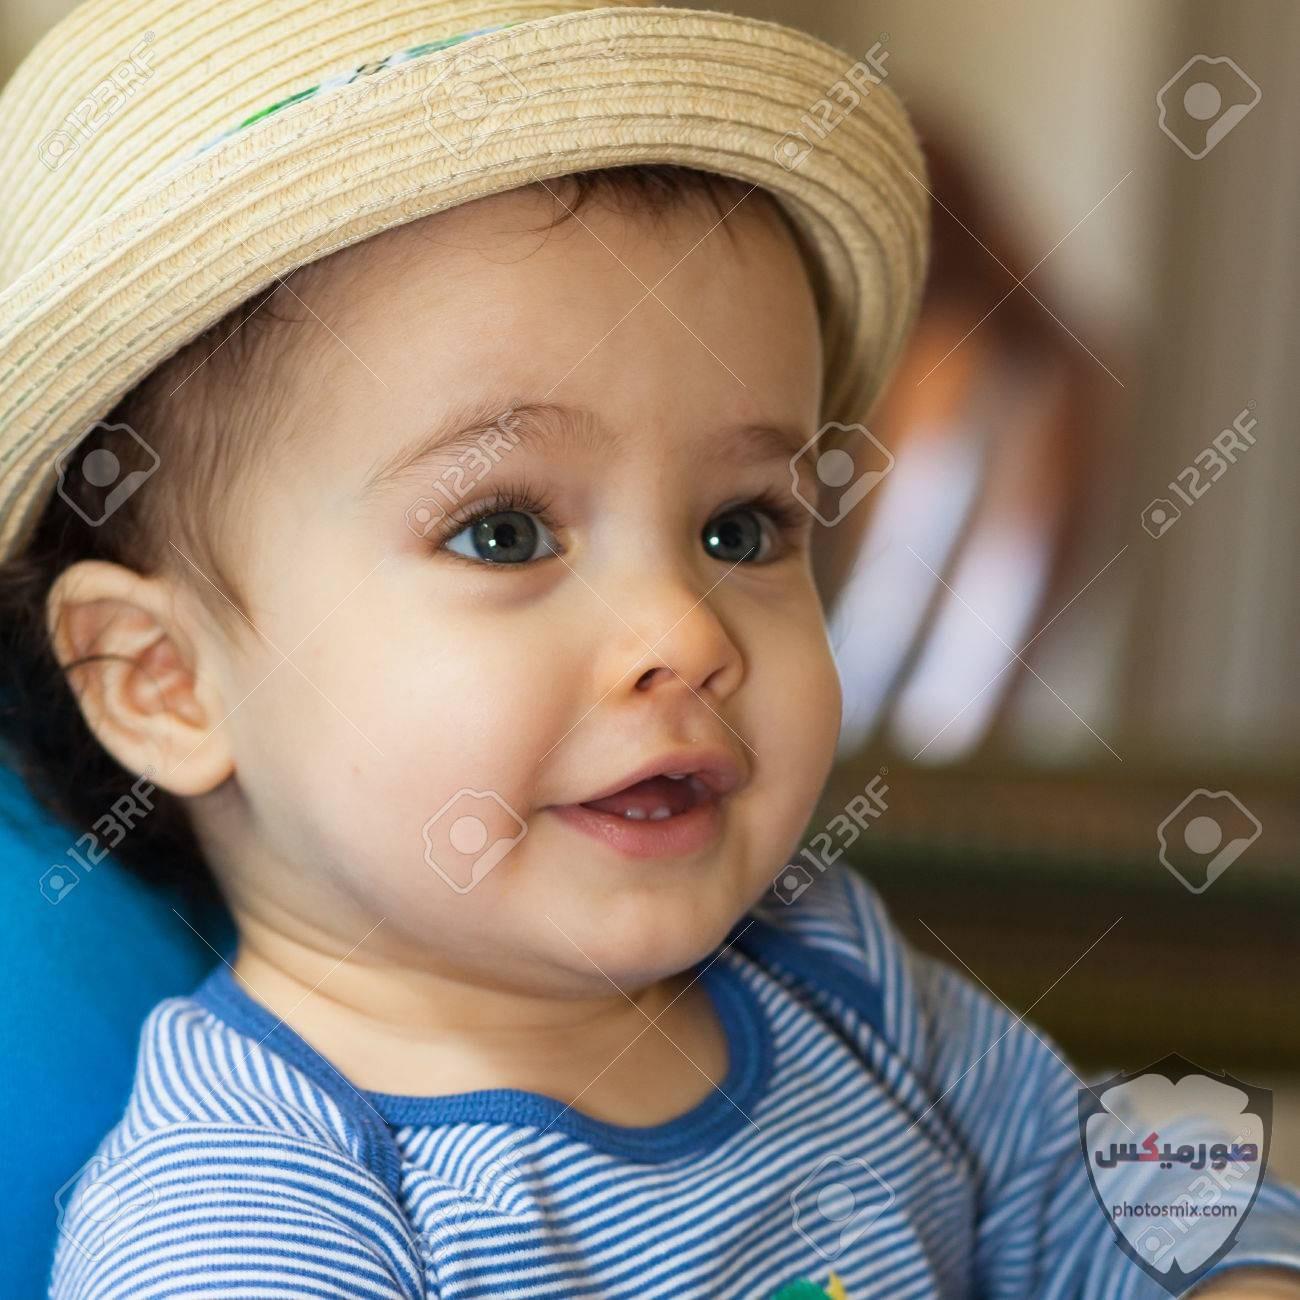 صور اطفال 2021 تحميل اكثر من 100 صور اطفال جميلة صور اطفال روعة 2020 47 1